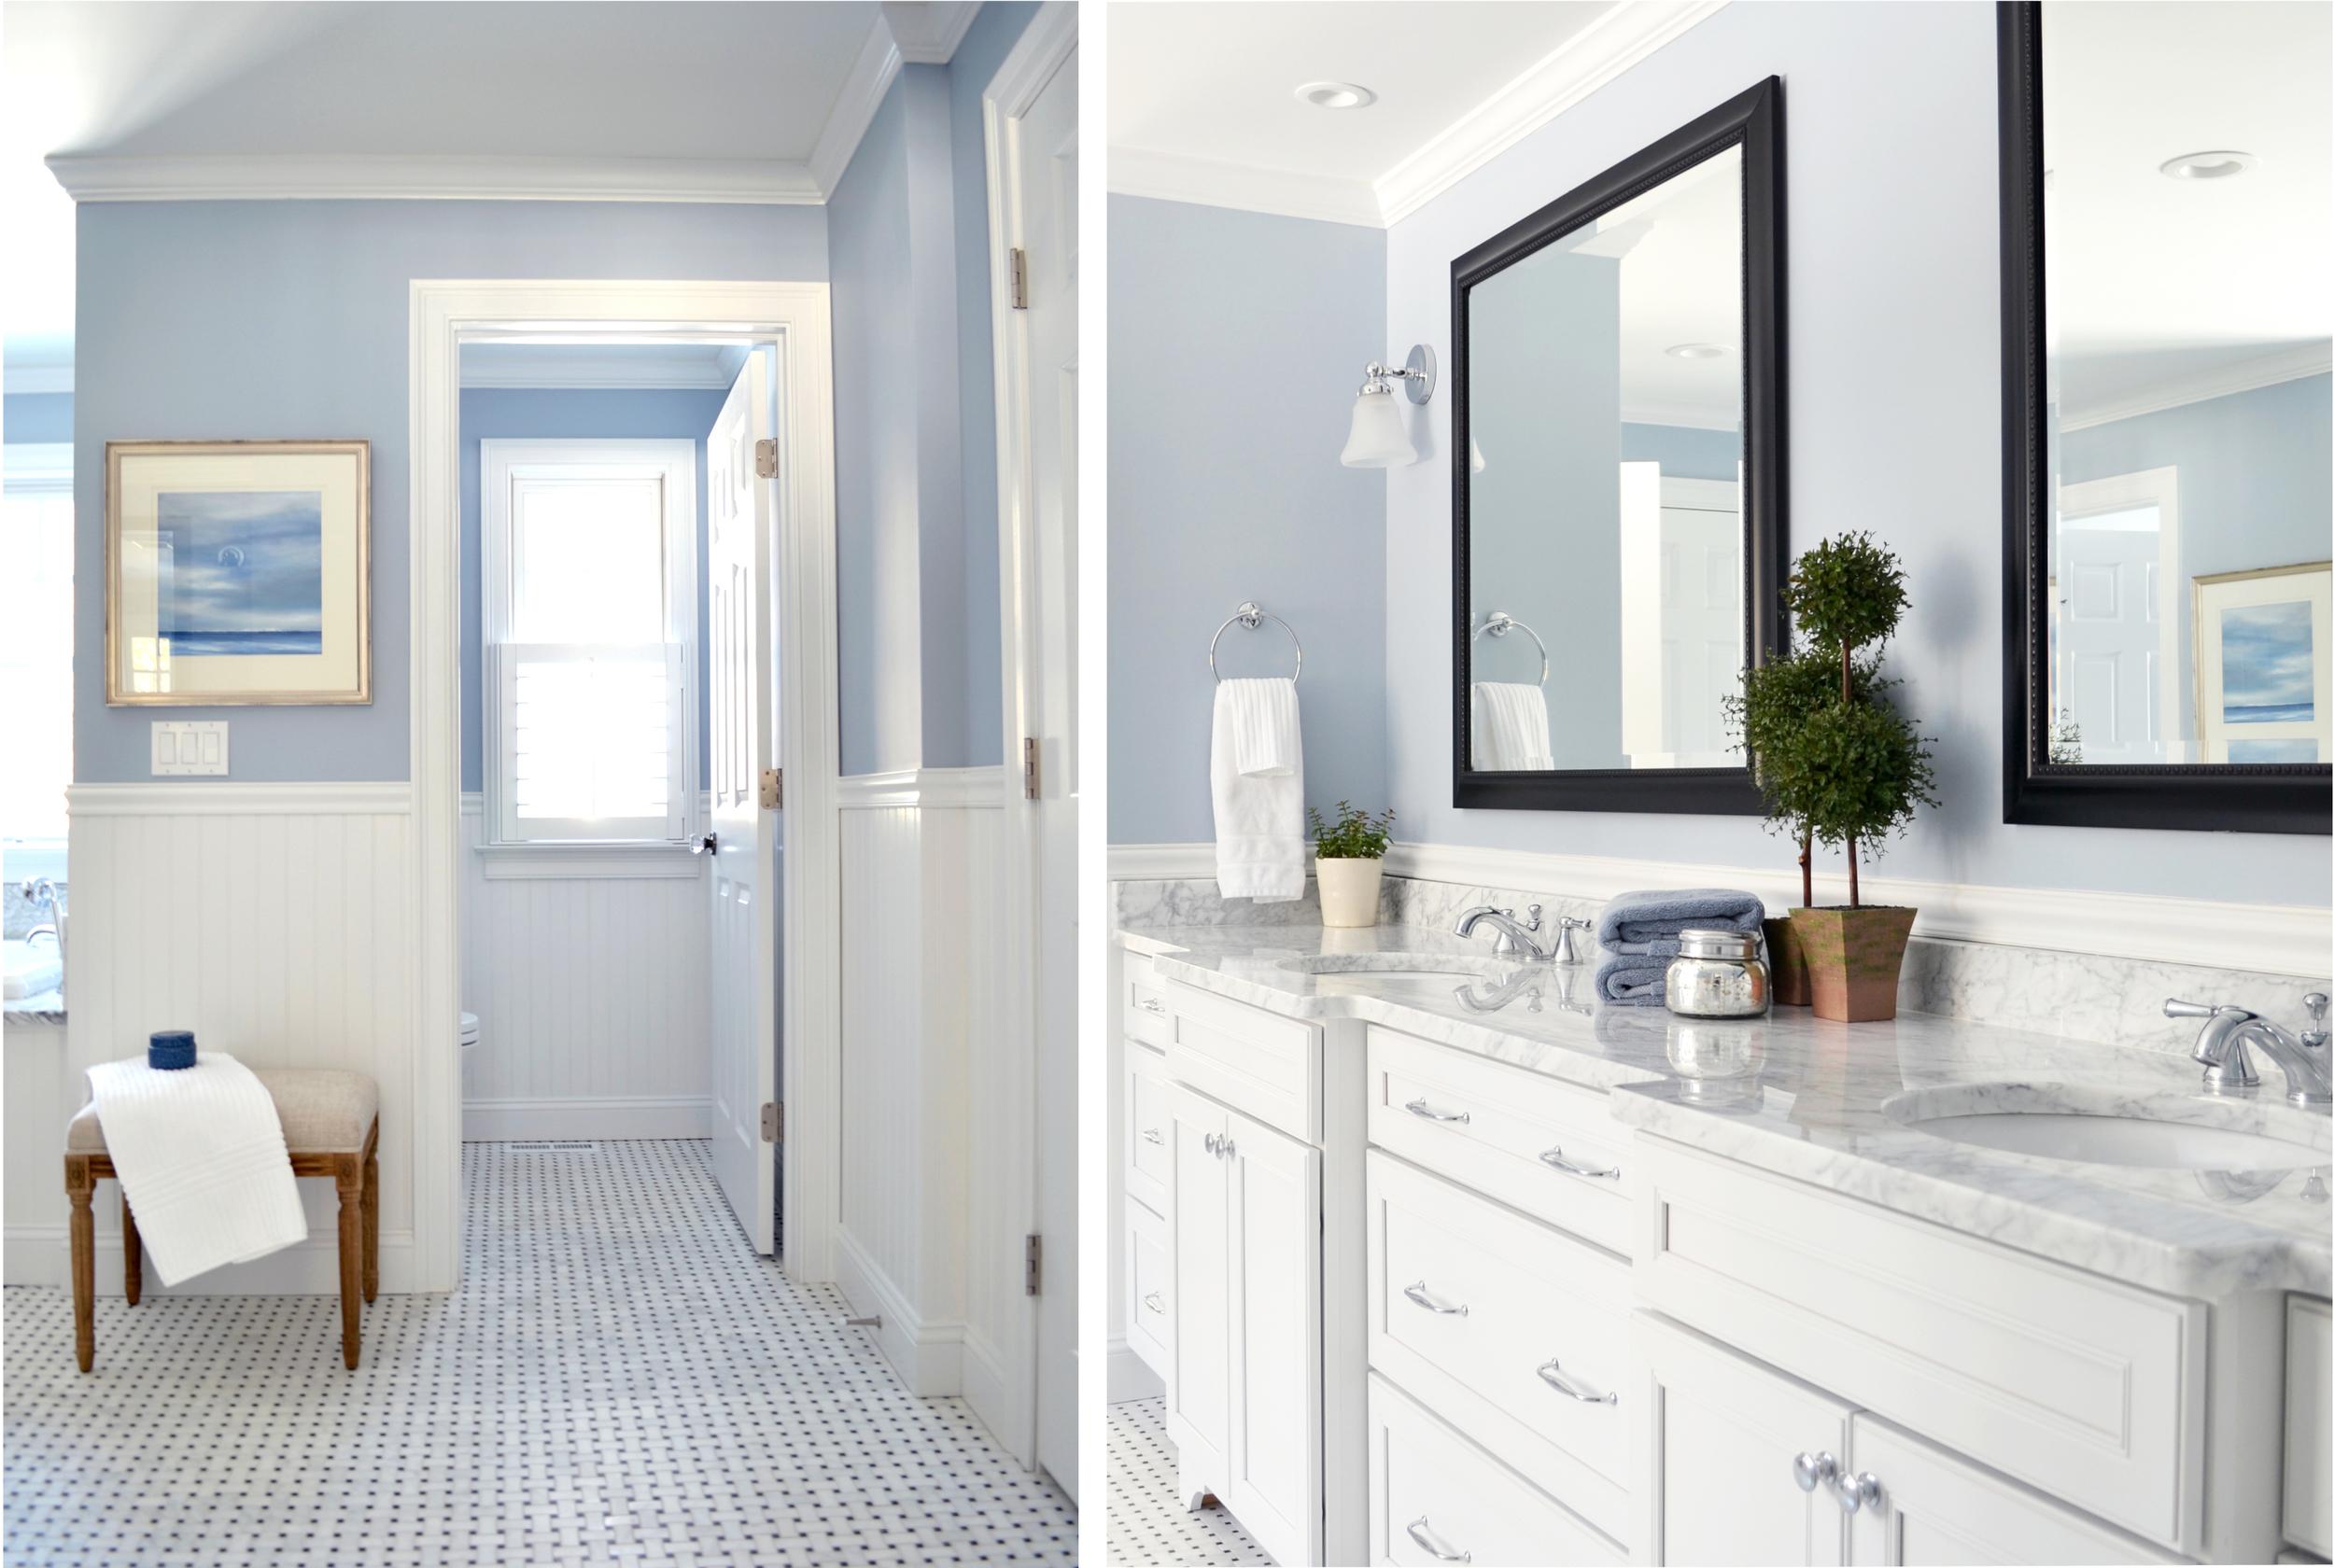 lord bathroom slide 1.jpg